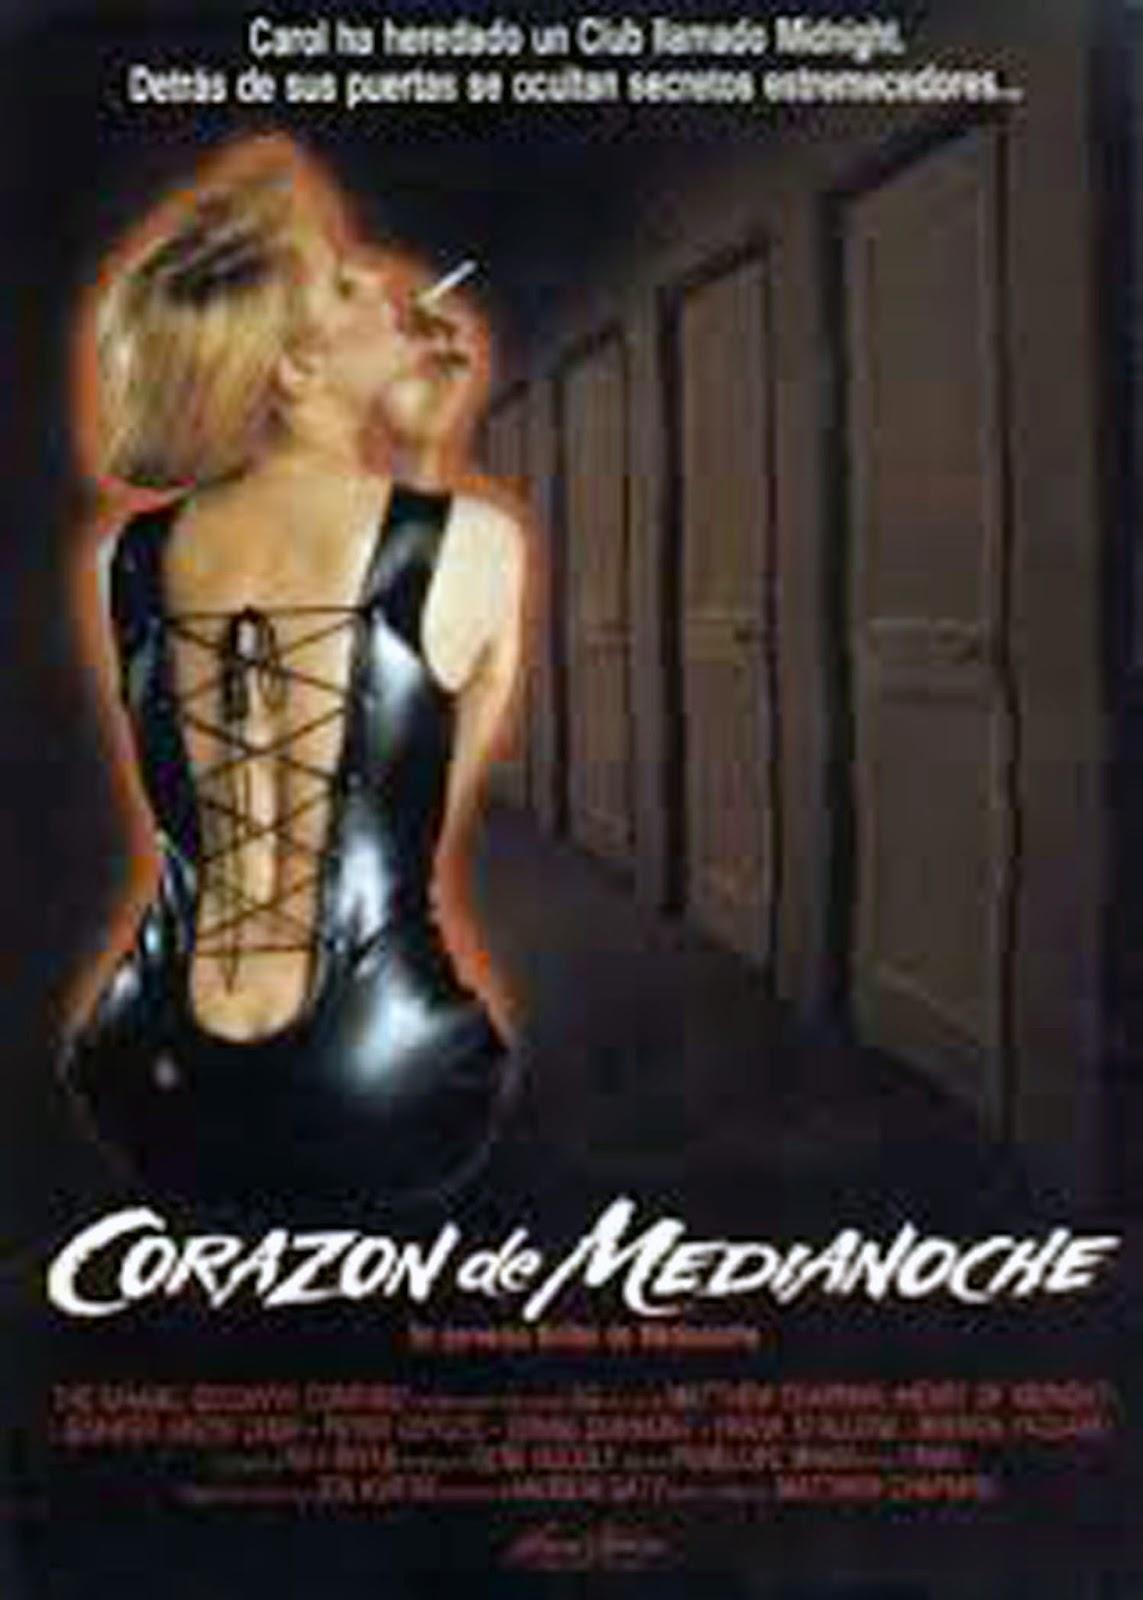 Corazón de medianoche (1989)